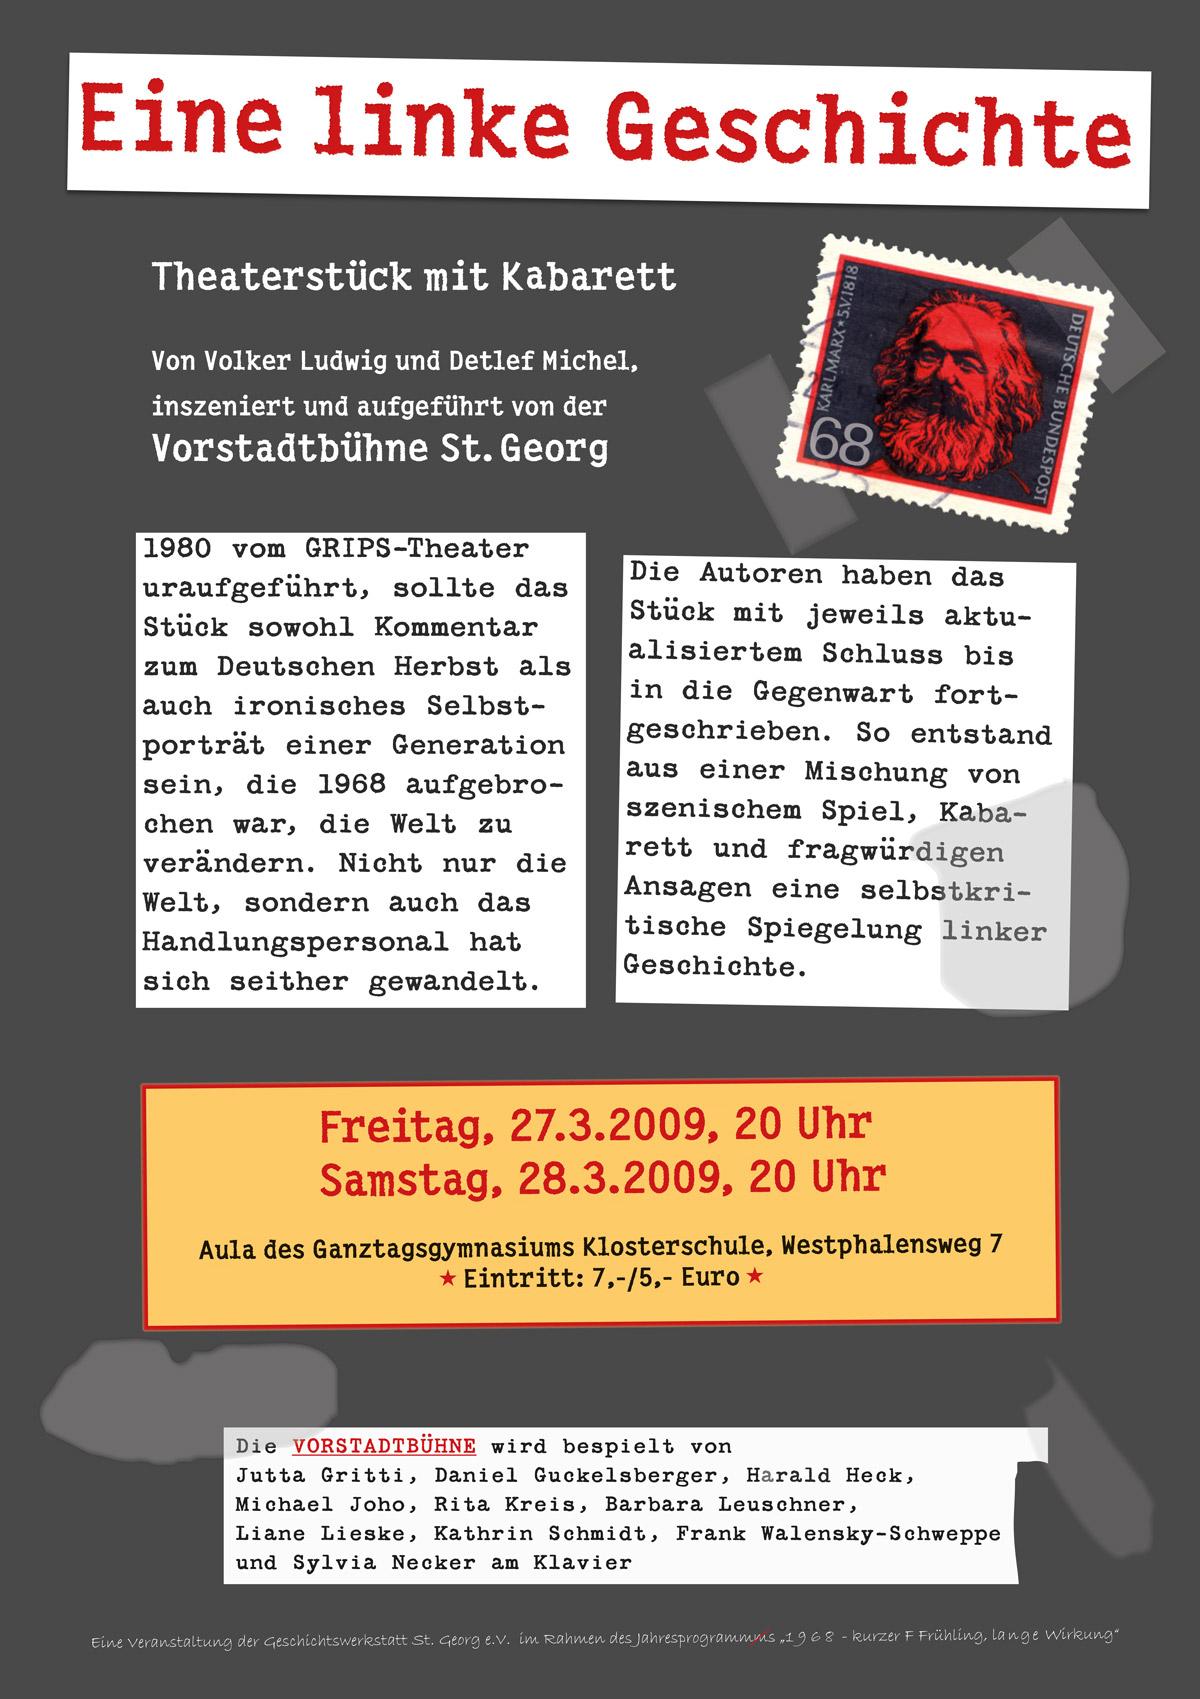 Plakat der Vorstadtbühne St. Georg